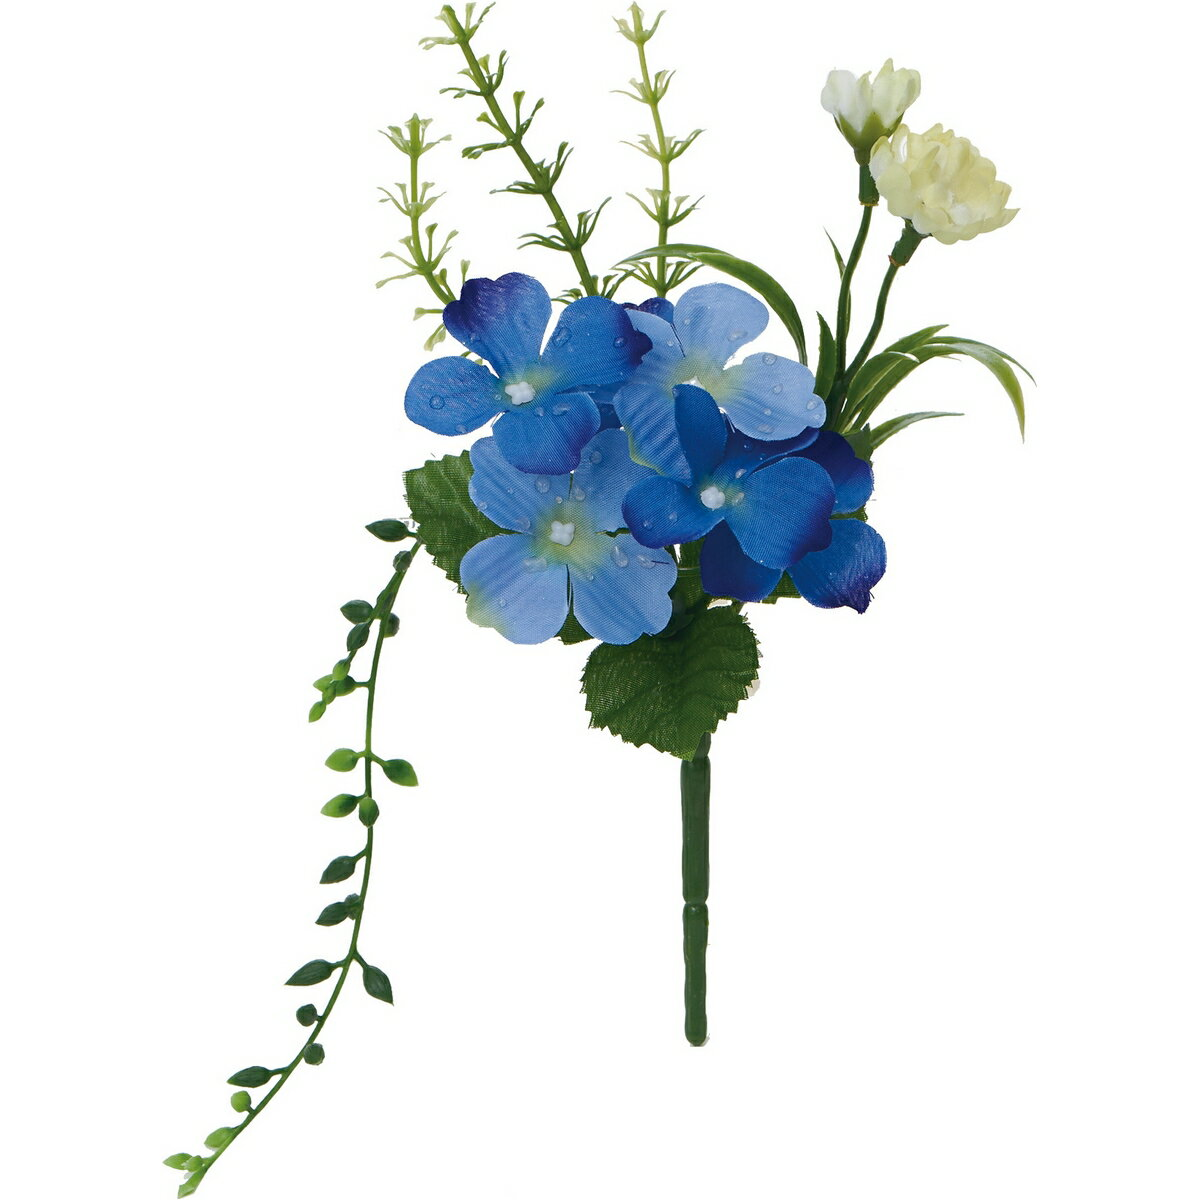 【造花】YDM/アメツキアジサイミックスブッシュ パープル/FS8248-PU【01】【01】【取寄】《 造花(アーティフィシャルフラワー) 造花 花材「あ行」 あじさい(紫陽花) 》